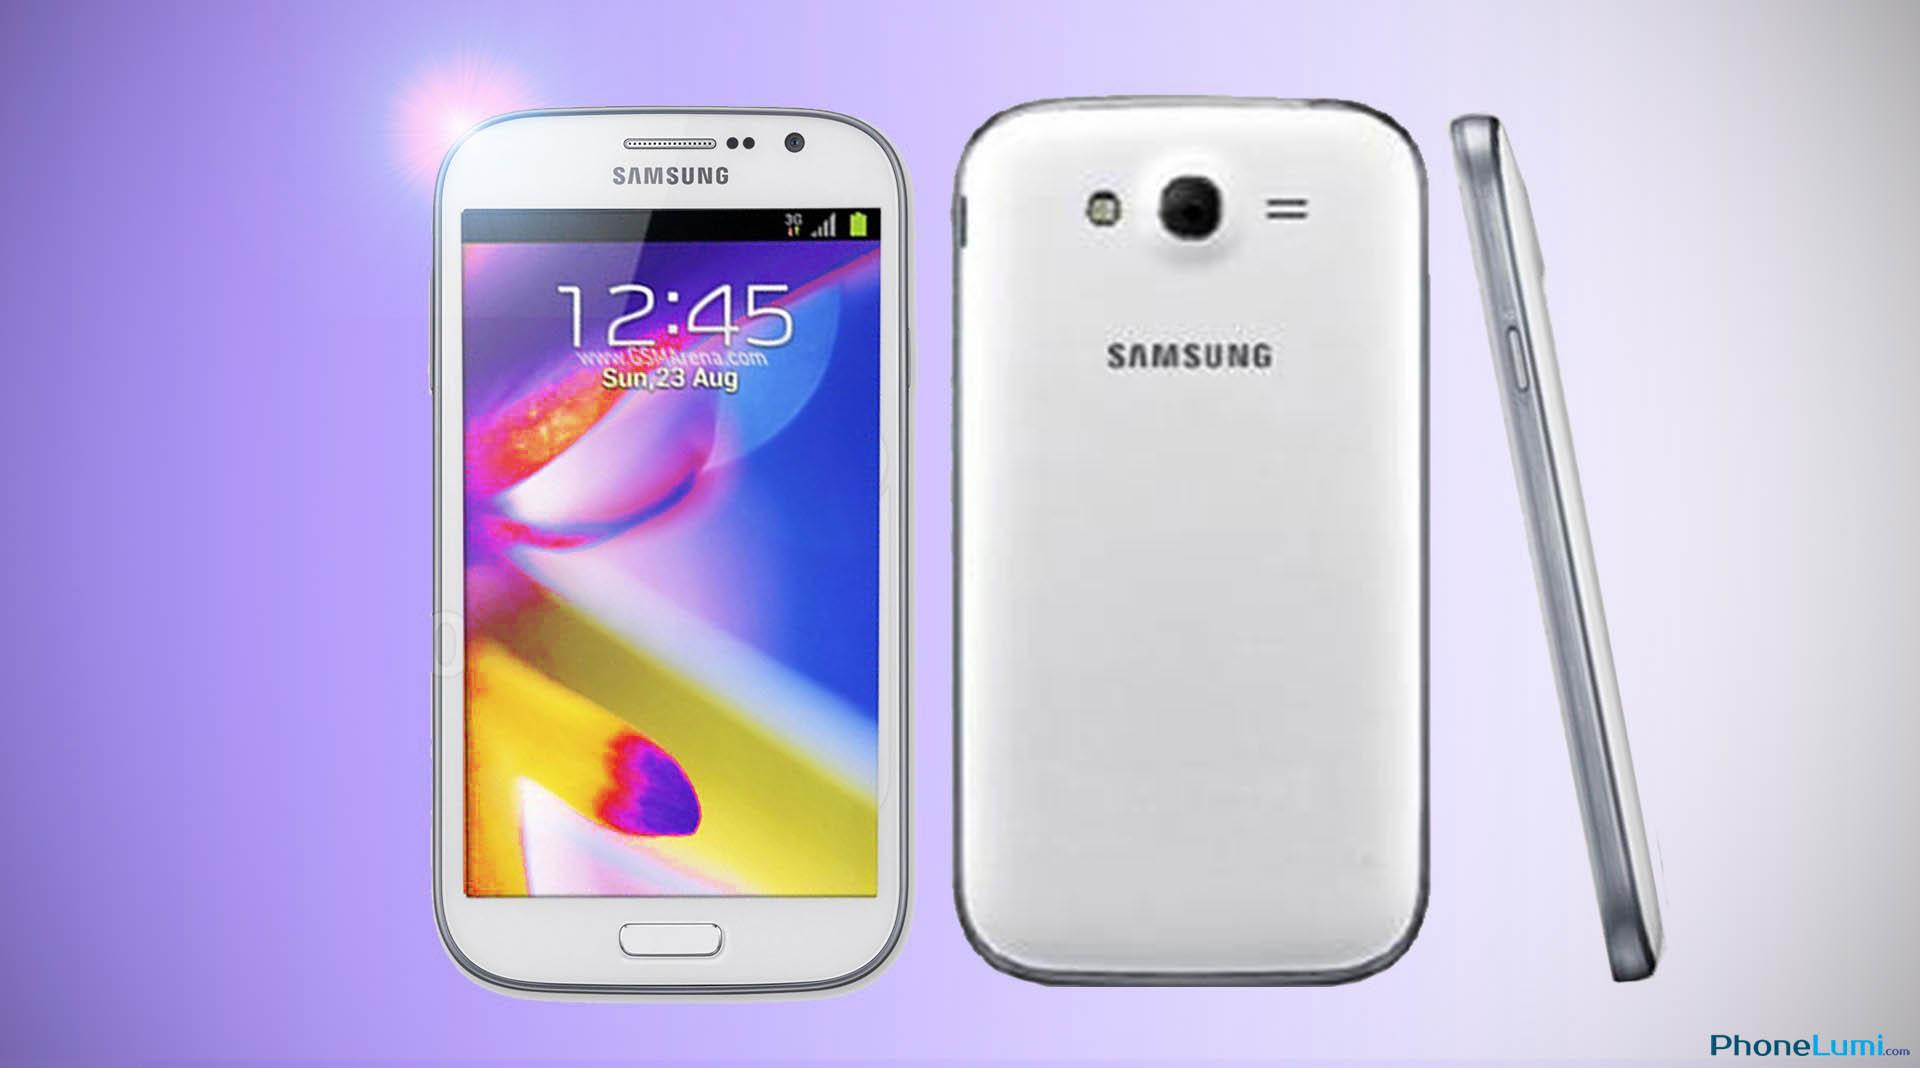 Samsung Galaxy Grand I9082 schematics